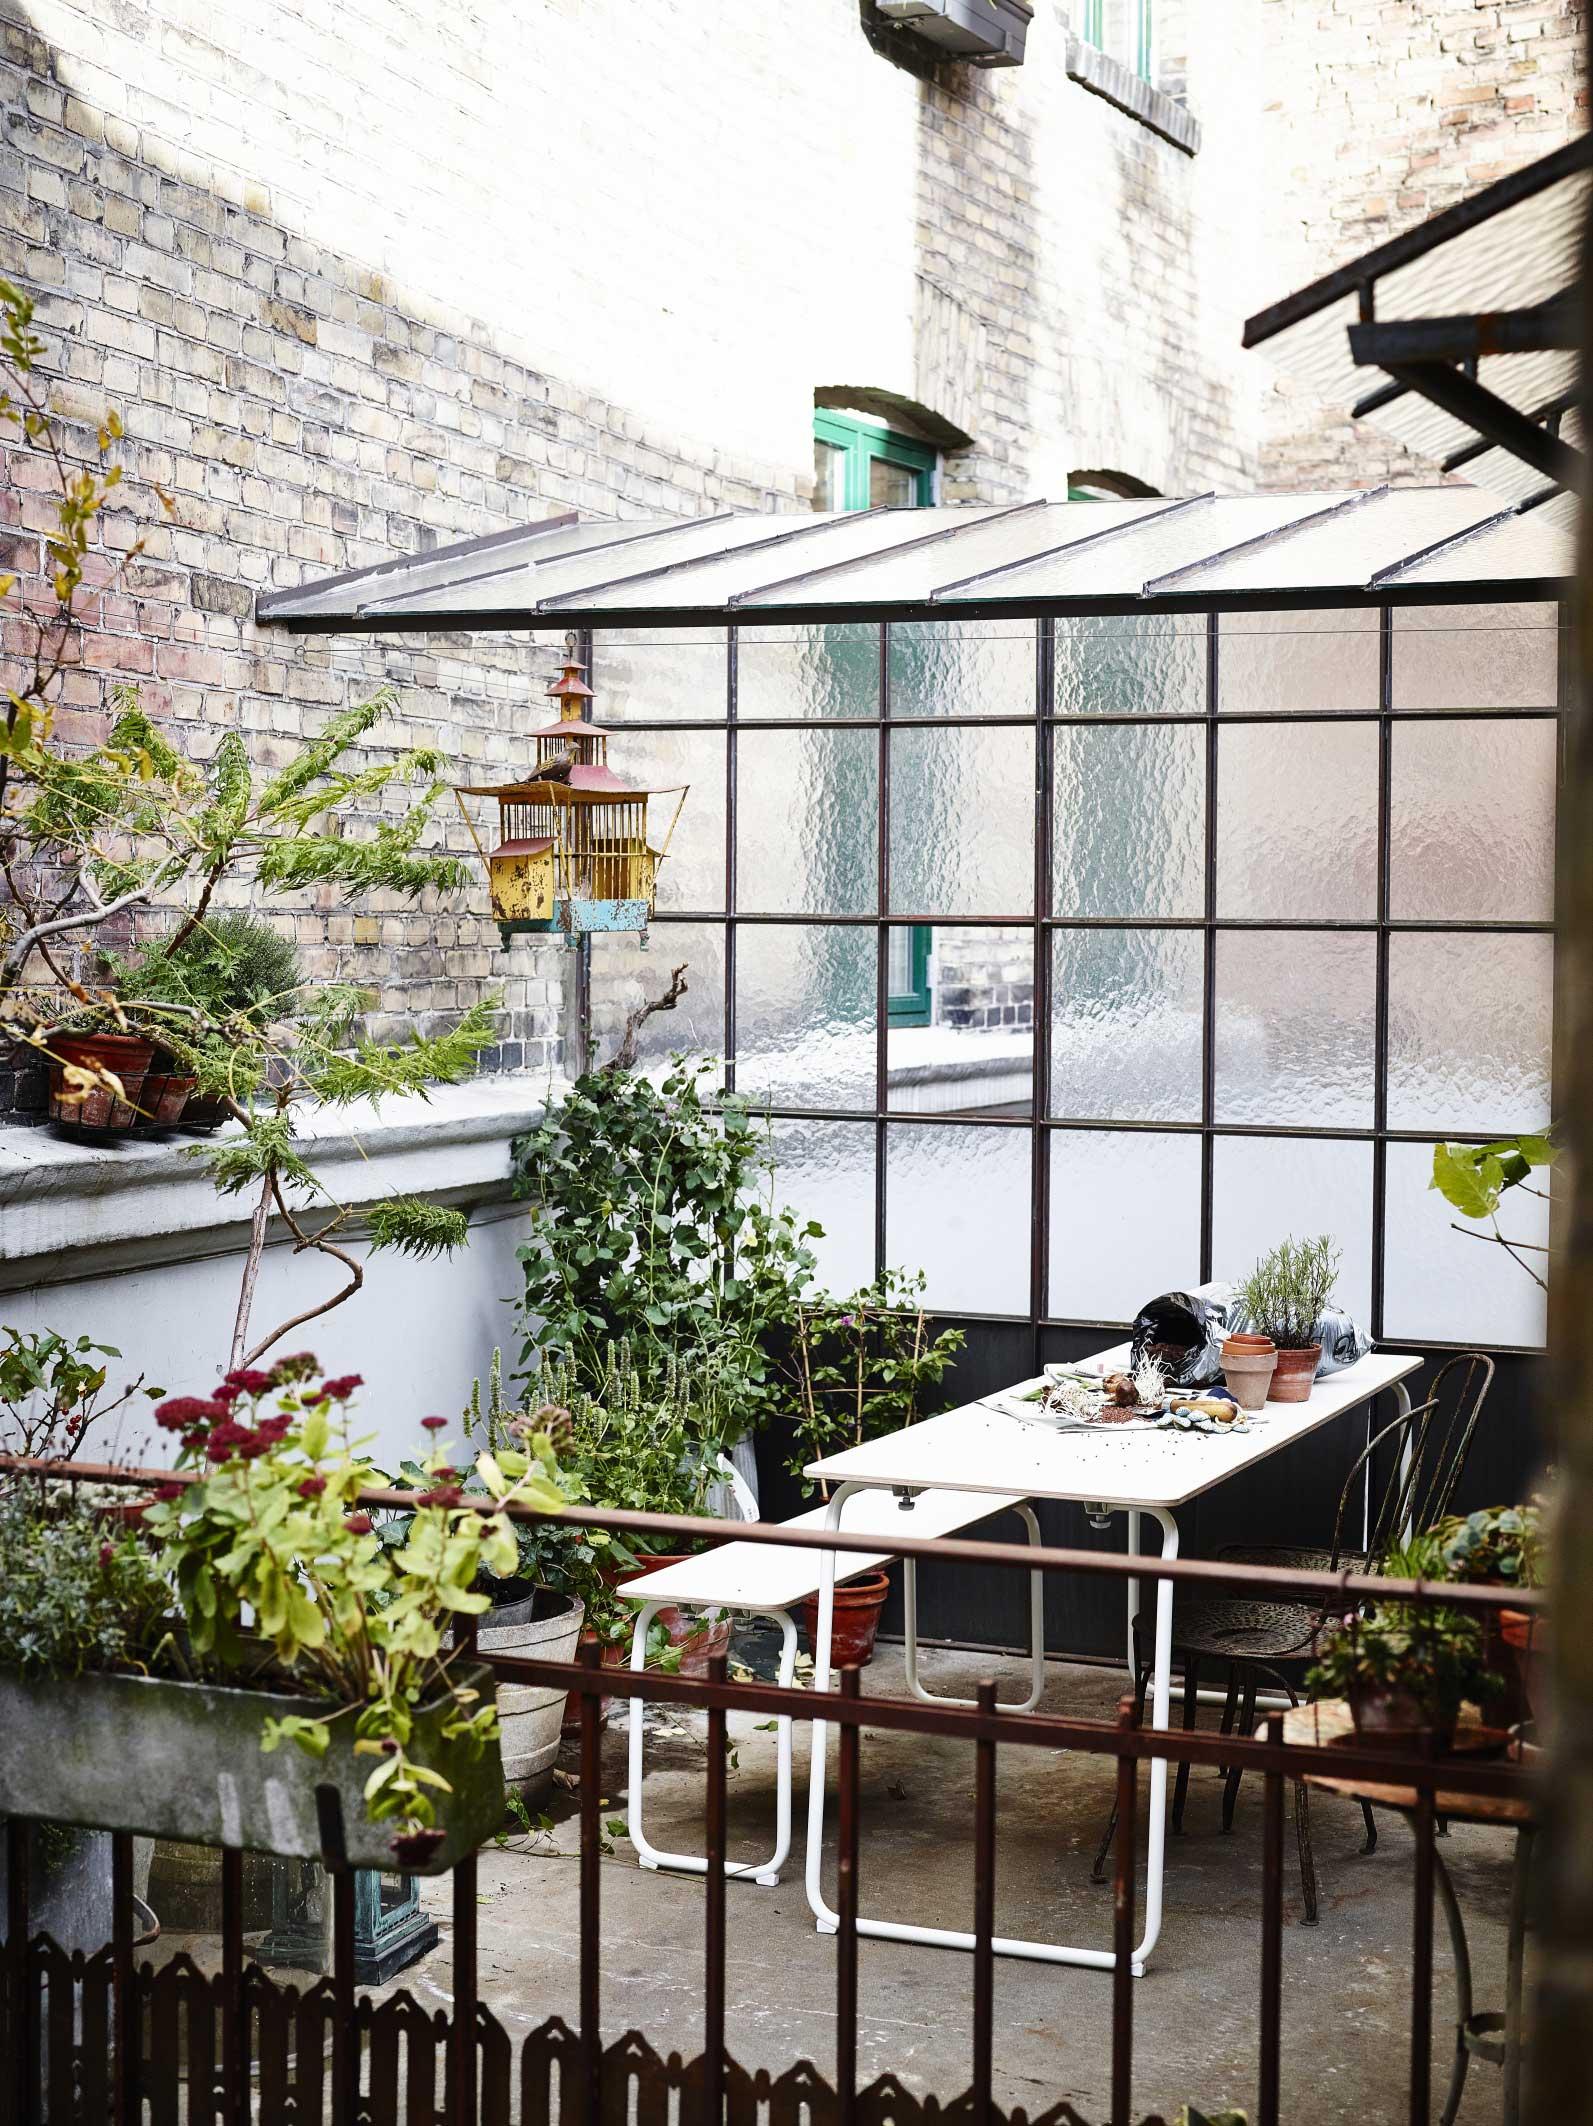 Salon de jardin ikea ps - Ikea salon de jardin ...